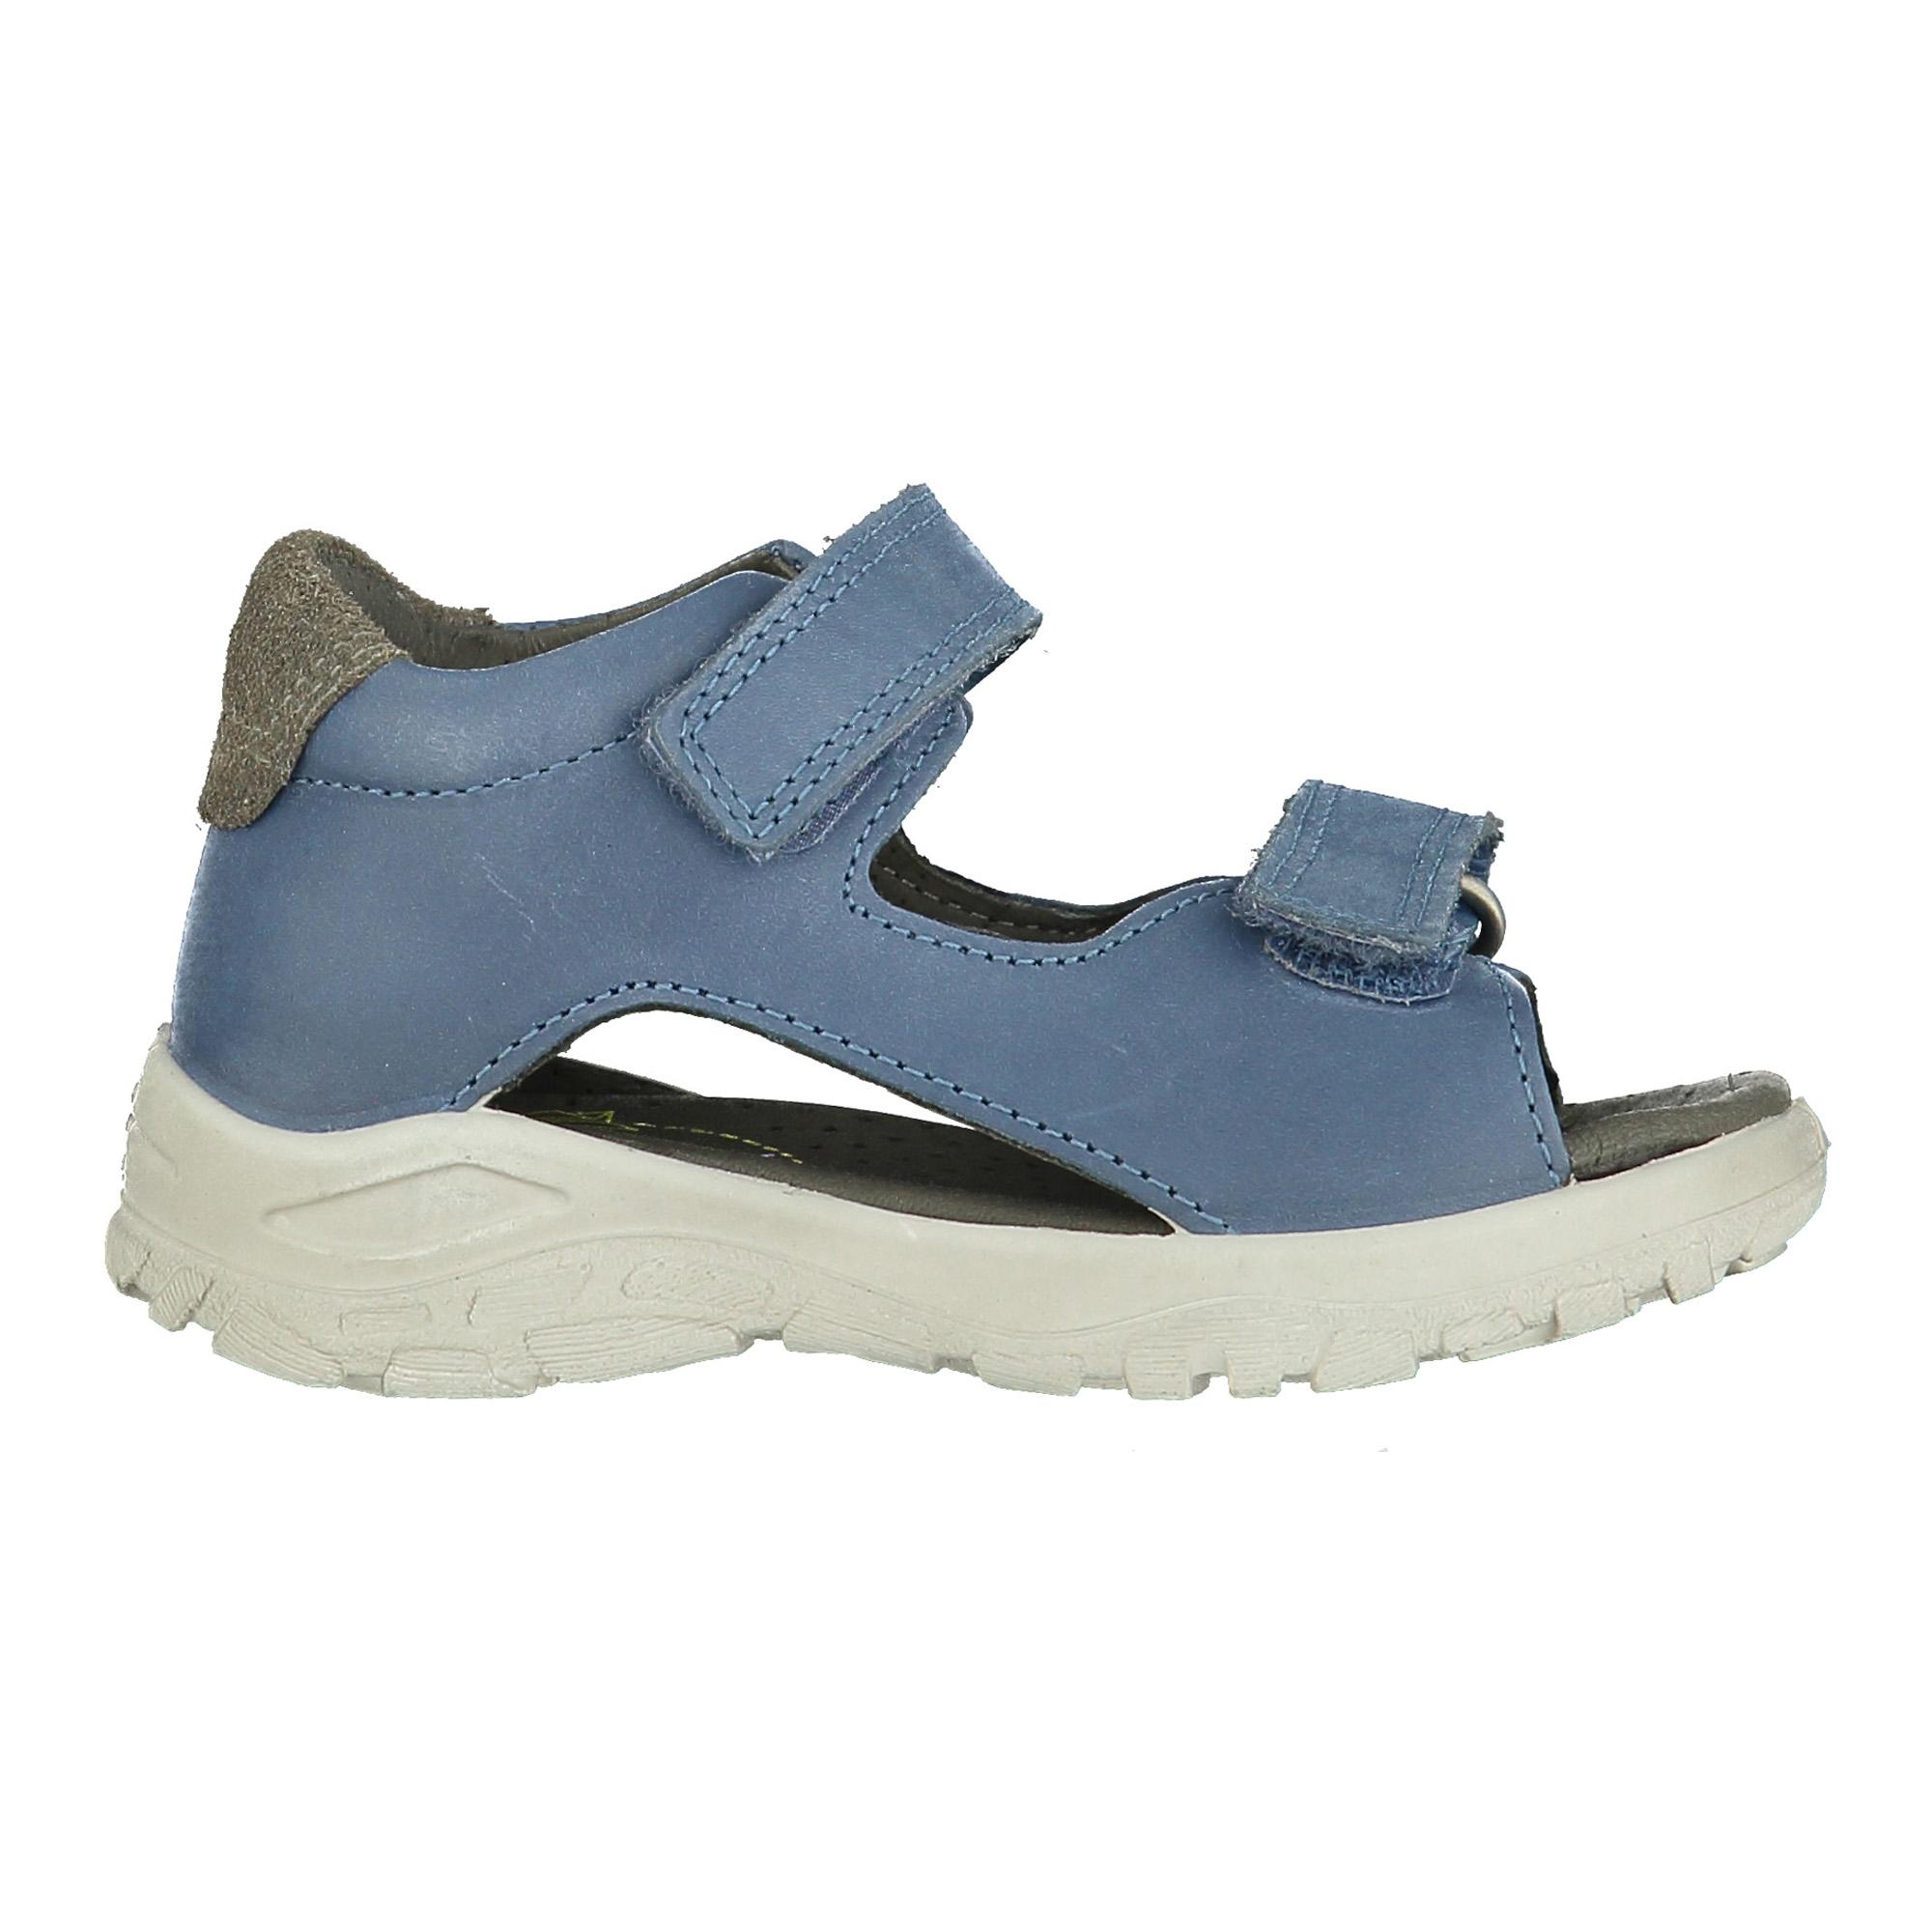 bc017e42fae Sandaalid - Beebi - Laste jalatsid - Jalatsid